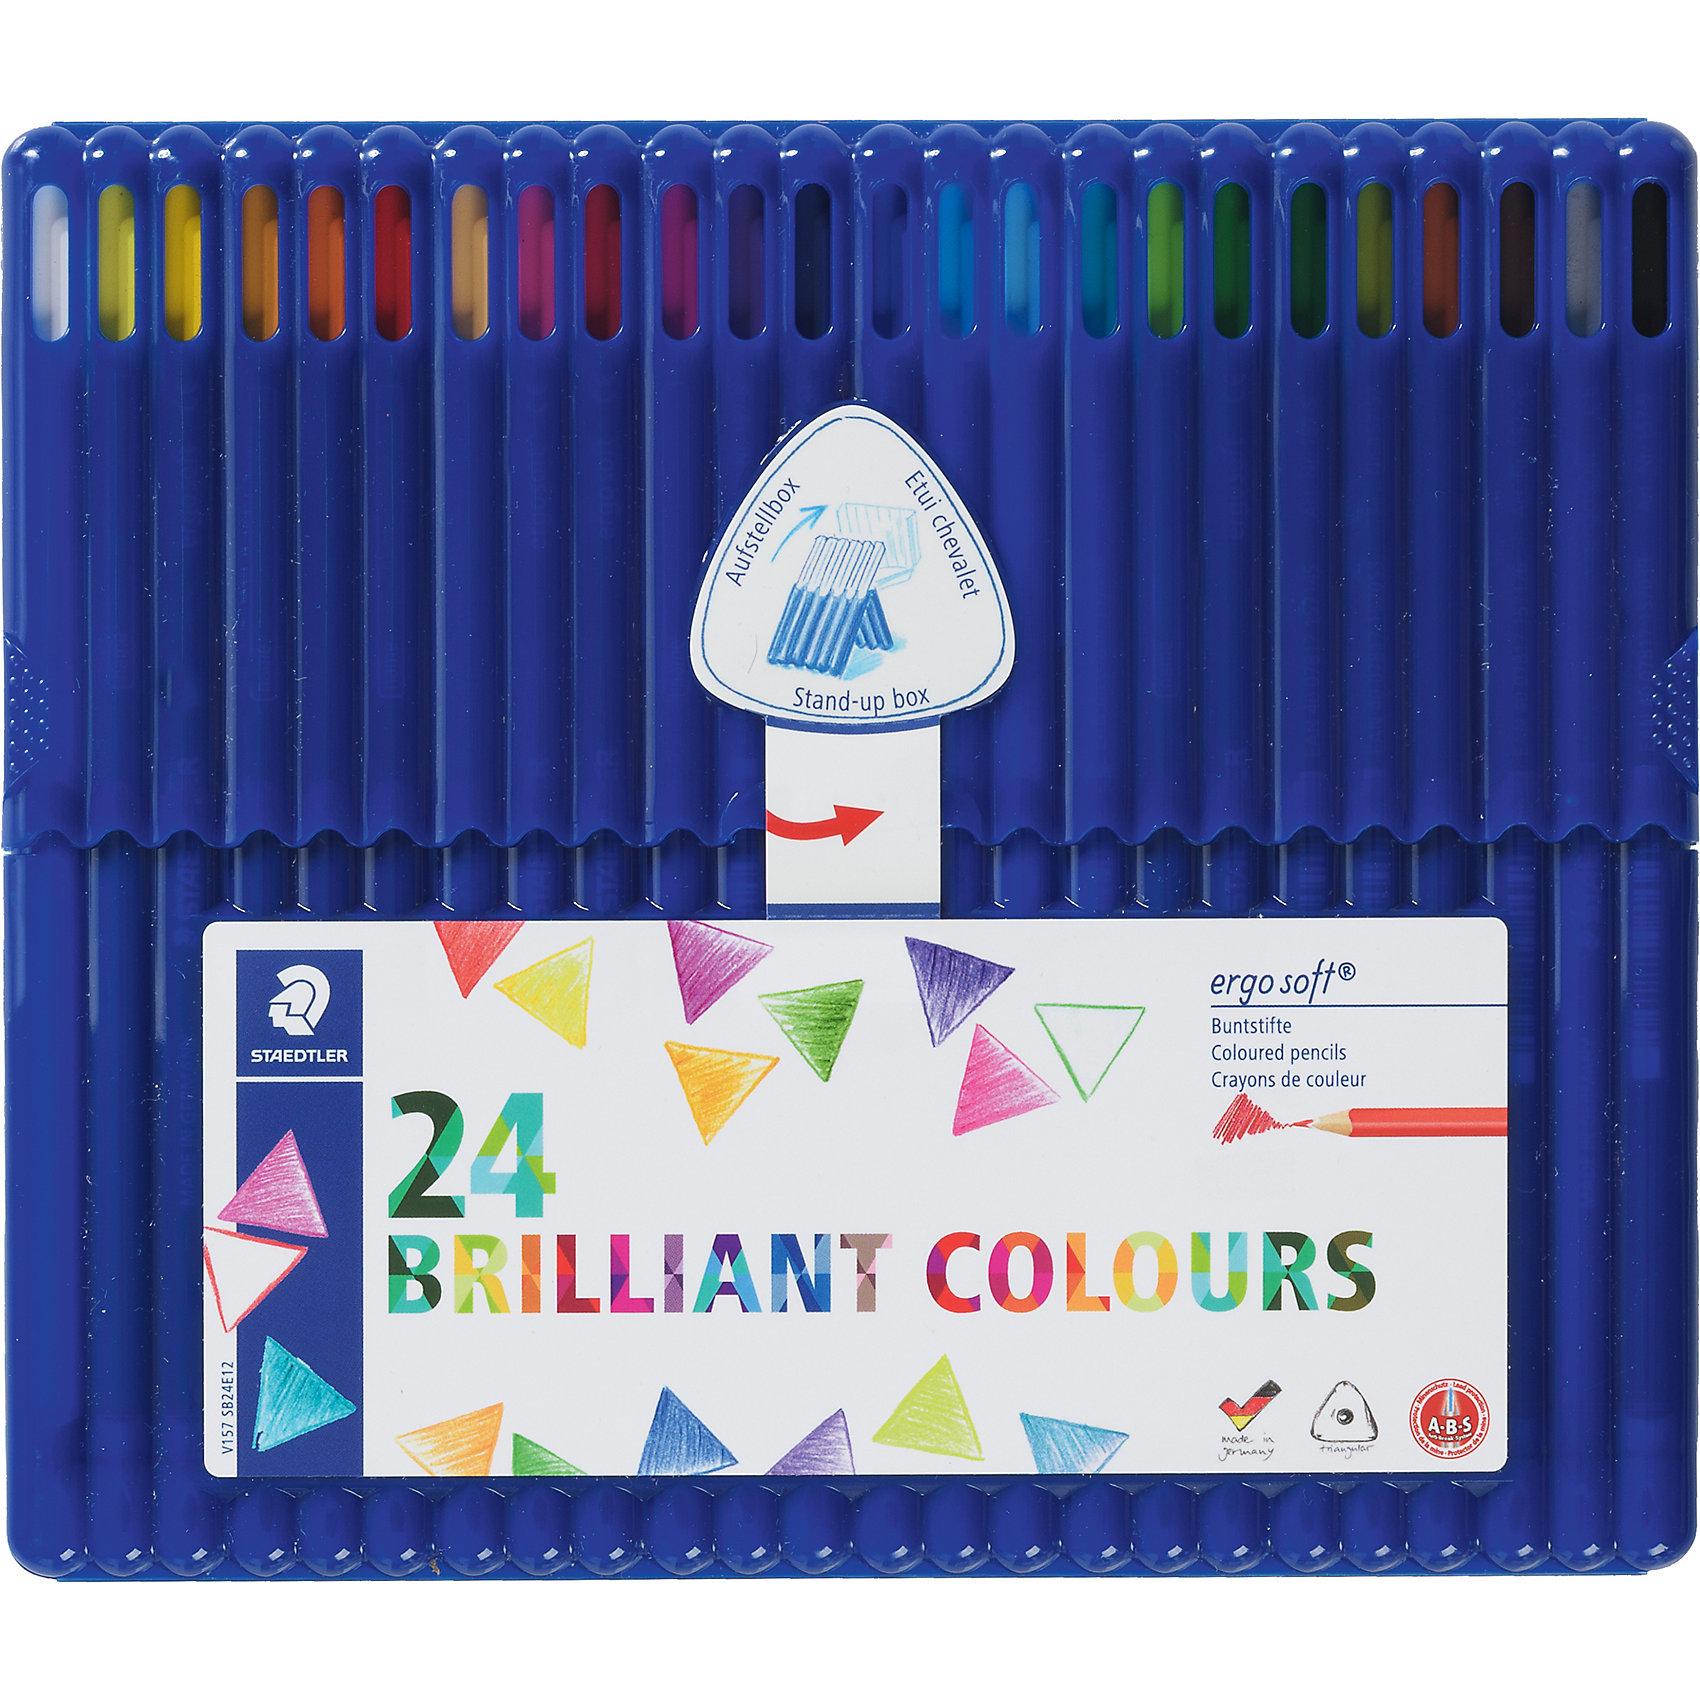 Карандаш цветной Ergosoft трехгранный, набор 24 цветаПисьменные принадлежности<br>Набор цветных  карандашей ergo soft® 157. Пластиковая коробка-подставка содержит 24 цвета в асортименте. Карандаши уложены в 1 ряд. Эргонамичная трехгранная  форма для удобного и легкого письма.  Уникальное, нескользящее покрытие с полем для имени. A-B-S - белое защитное покрытие для укрепления грифеля и для защиты от поломки. Очень мягкий и яркий грифель. Лак на водной основе. При производстве используется древисина сертифицированных и специально подготовленных лесов.<br><br>Ширина мм: 215<br>Глубина мм: 182<br>Высота мм: 15<br>Вес г: 235<br>Возраст от месяцев: 60<br>Возраст до месяцев: 120<br>Пол: Унисекс<br>Возраст: Детский<br>SKU: 3797324